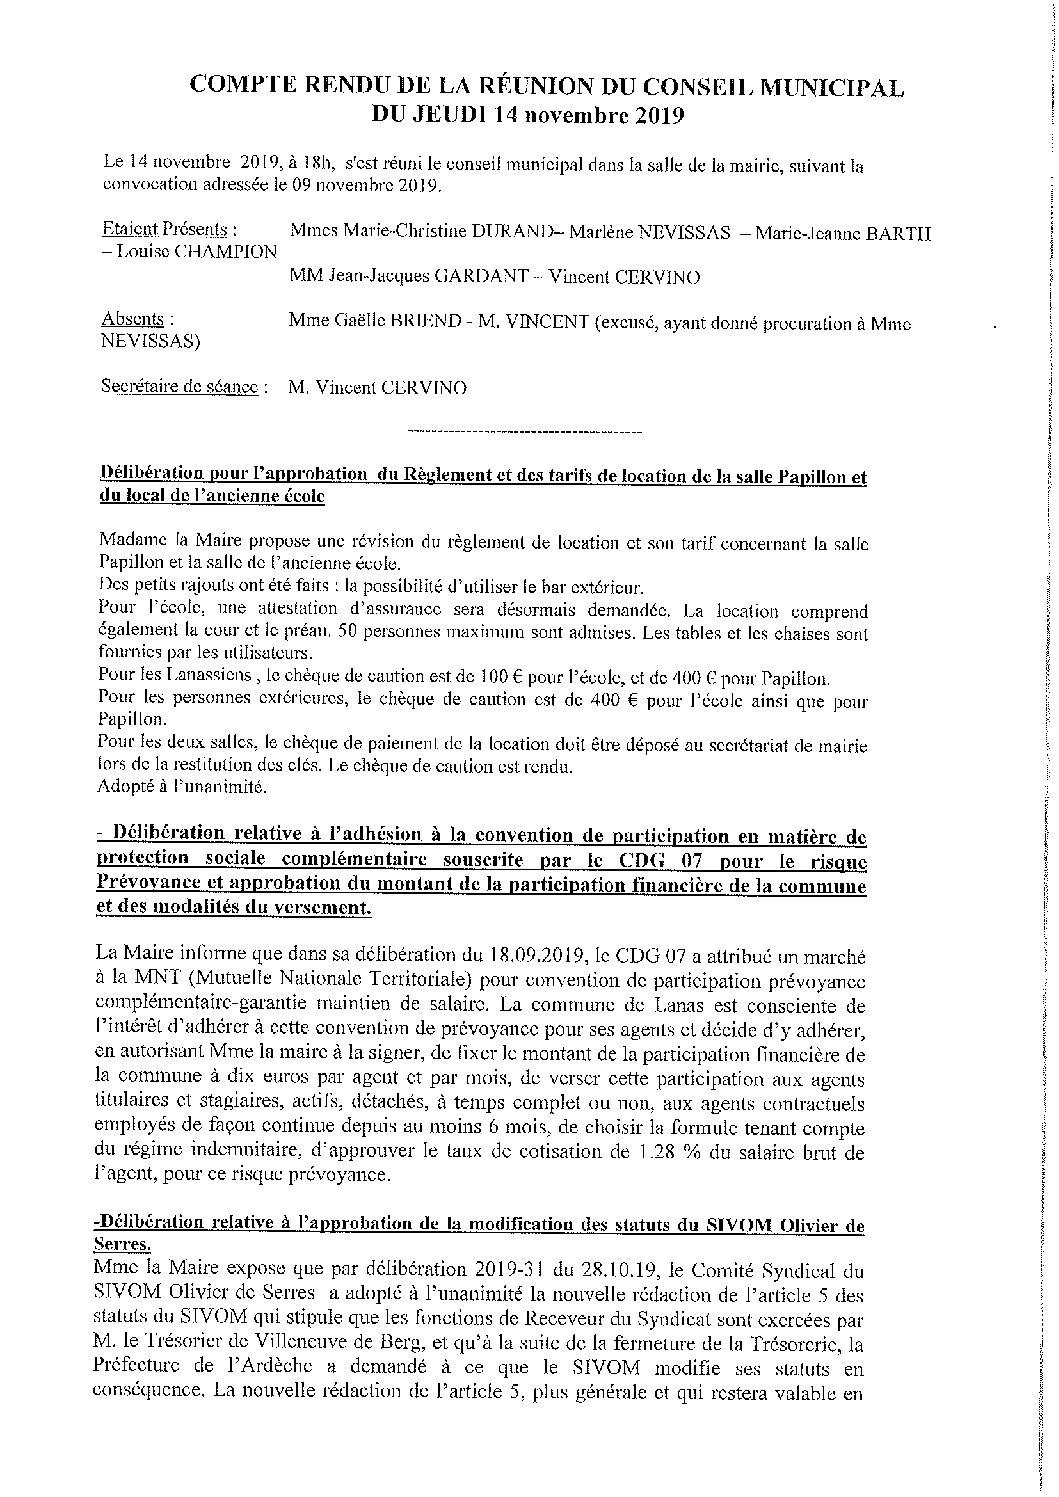 Compte rendu Conseil municipal du 14.11.2019